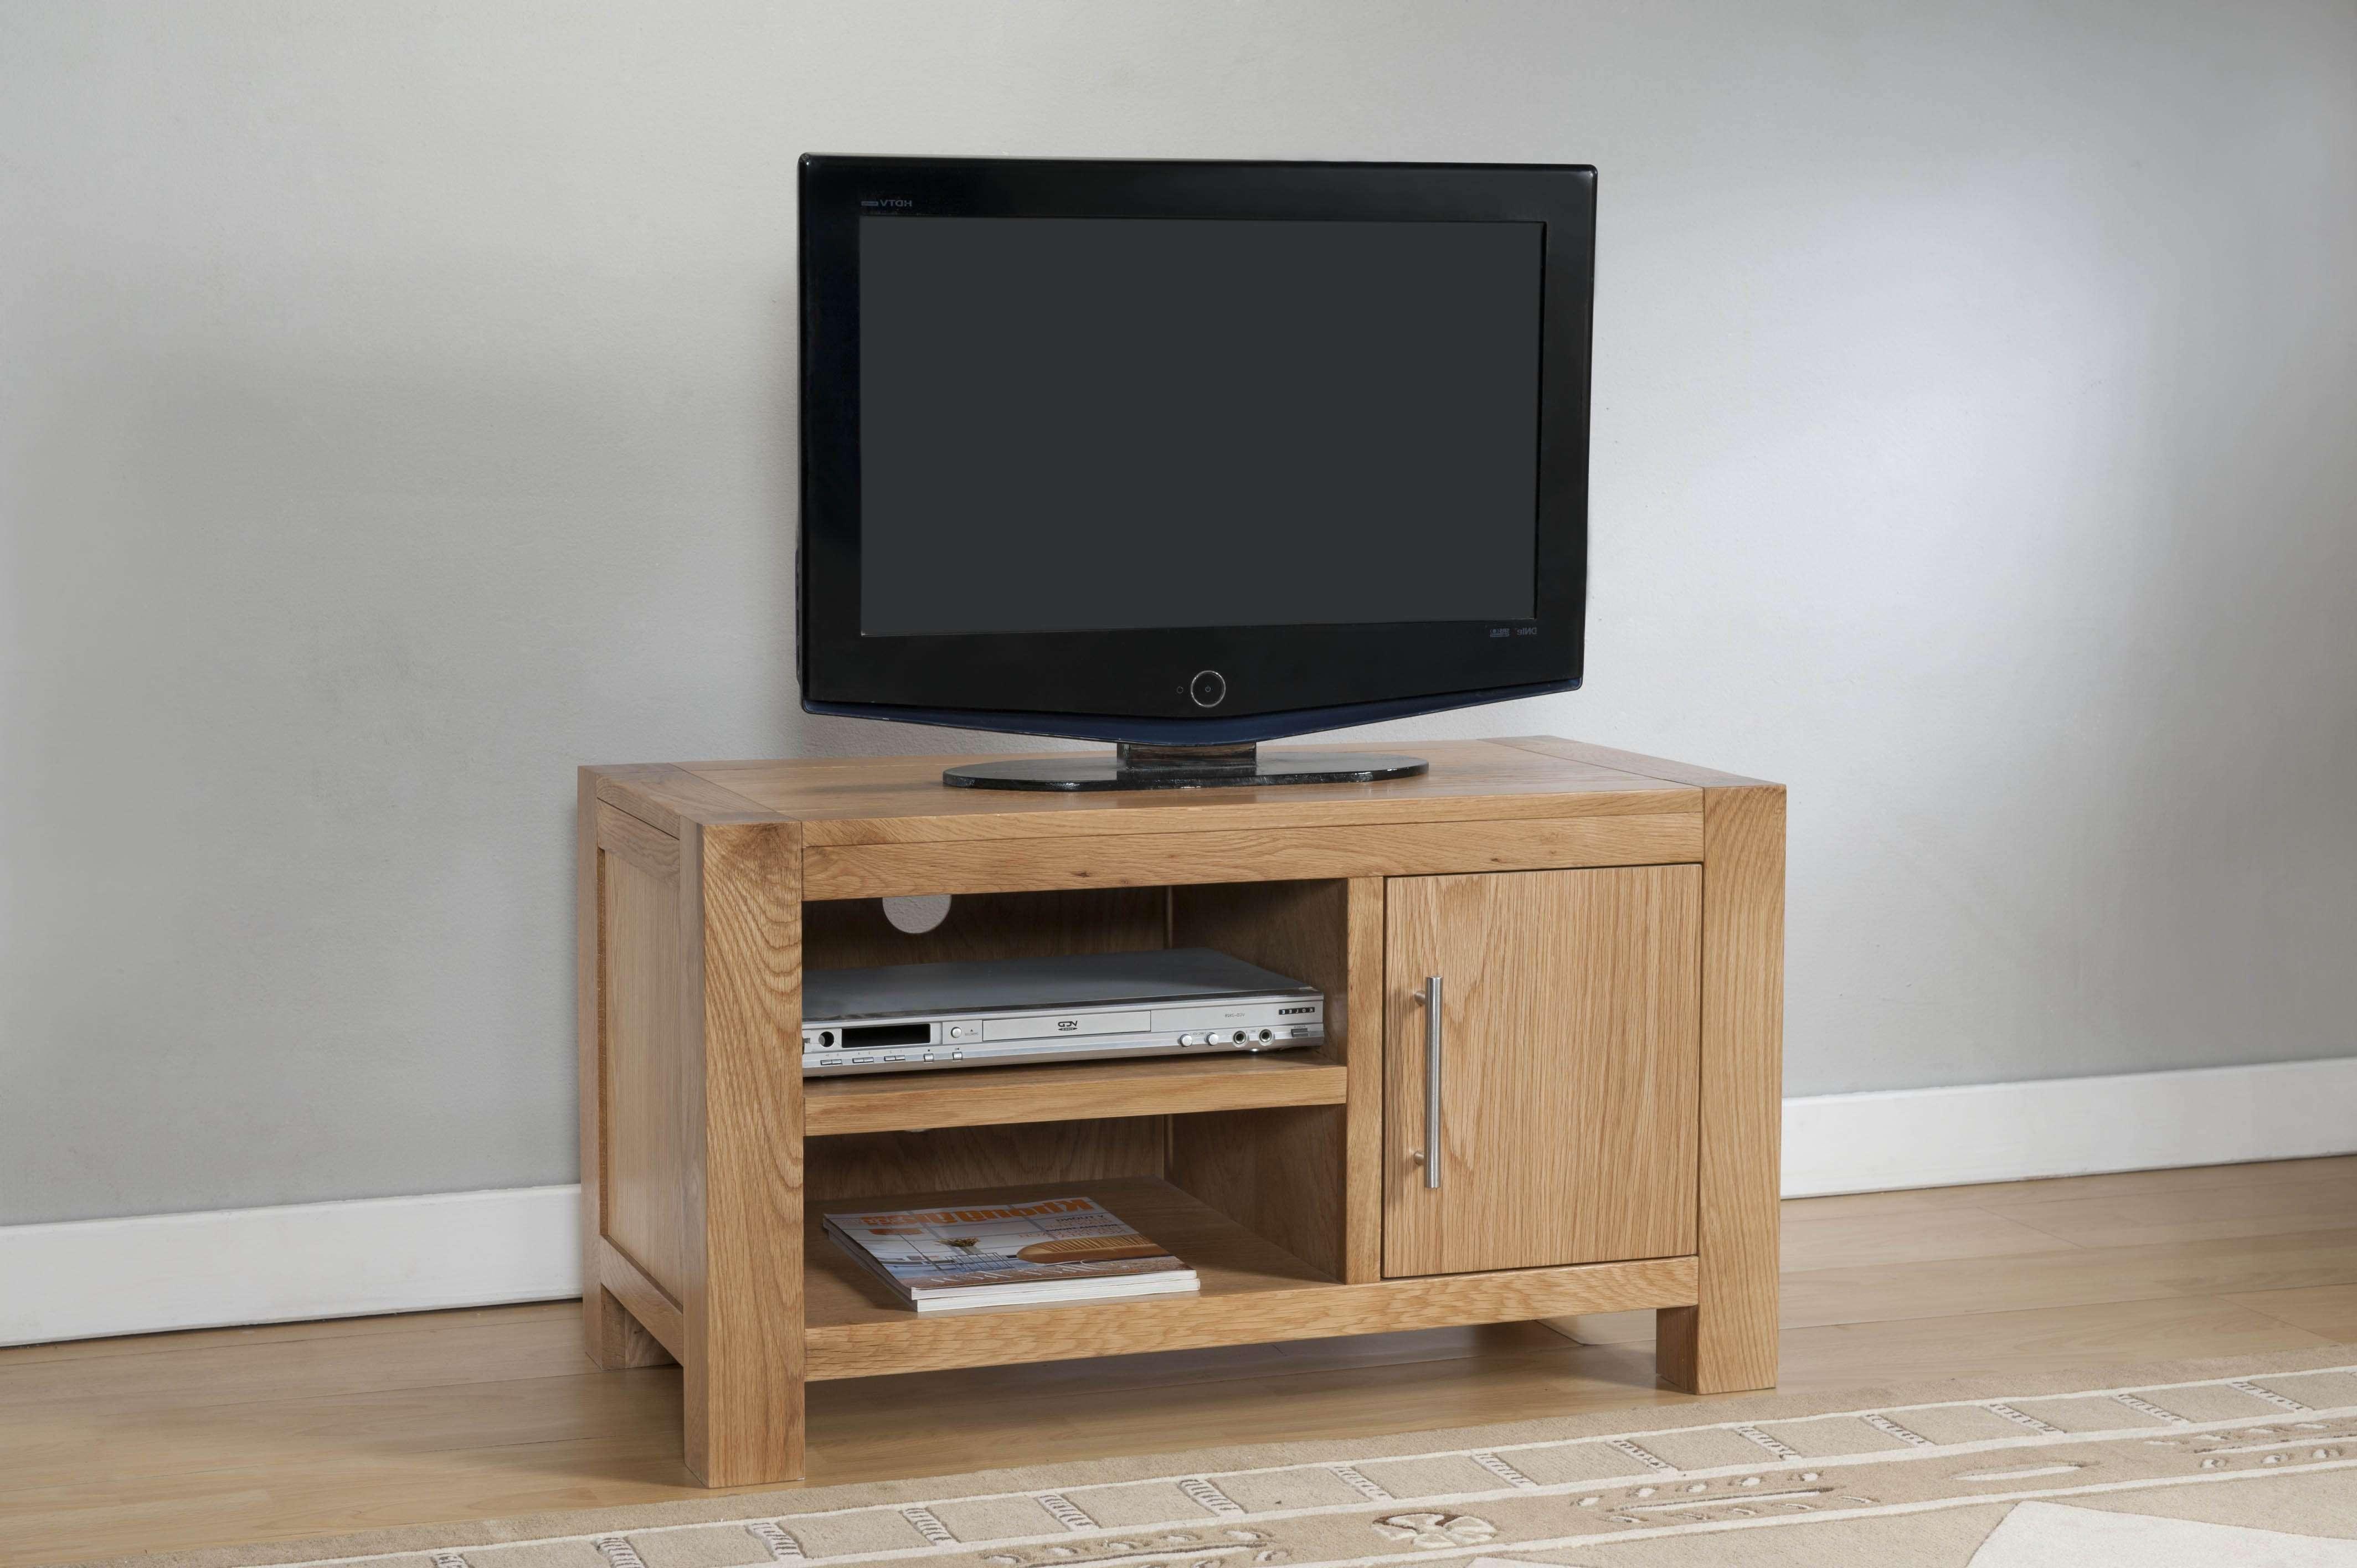 Milano Oak 1 Door Tv Stand With Shelf | Oak Furniture Solutions In Oak Tv Cabinets With Doors (View 8 of 20)